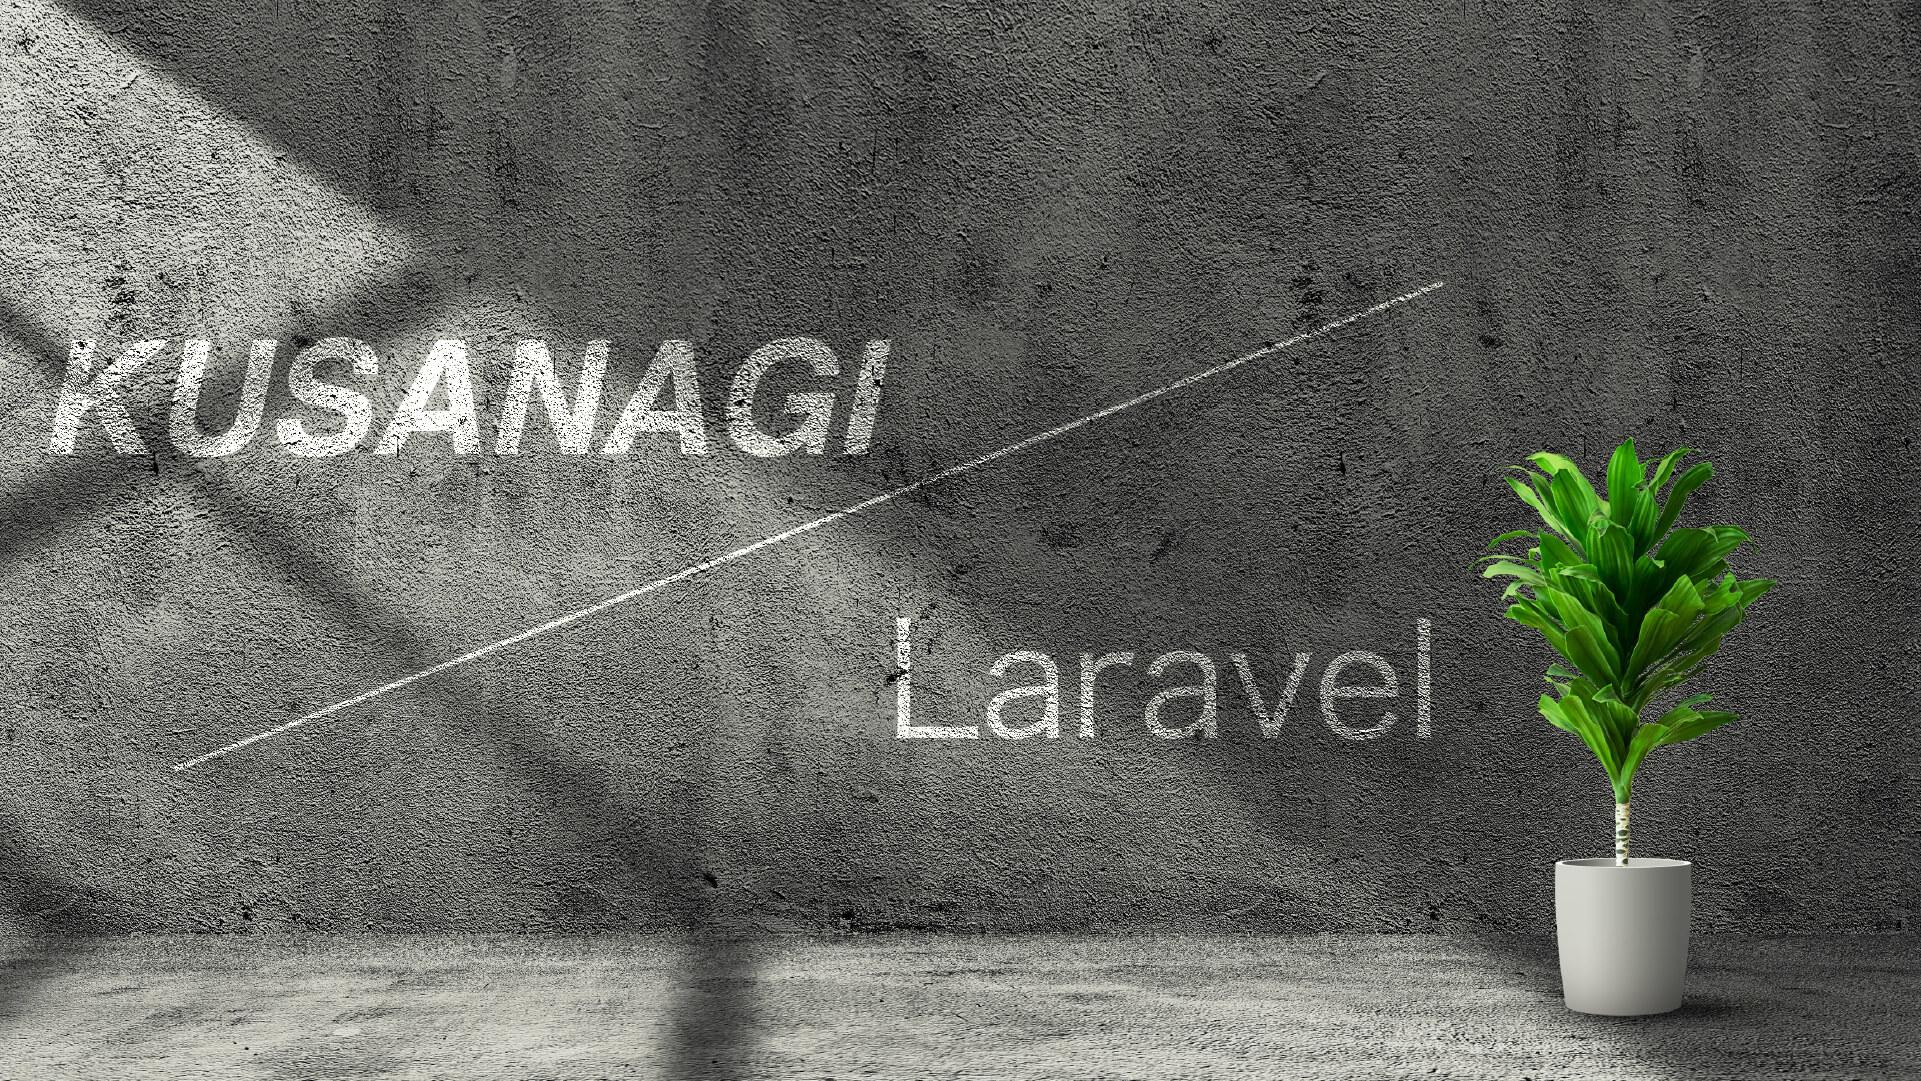 「爆速KUSANAGI」に『爆速Laravel』をインストール